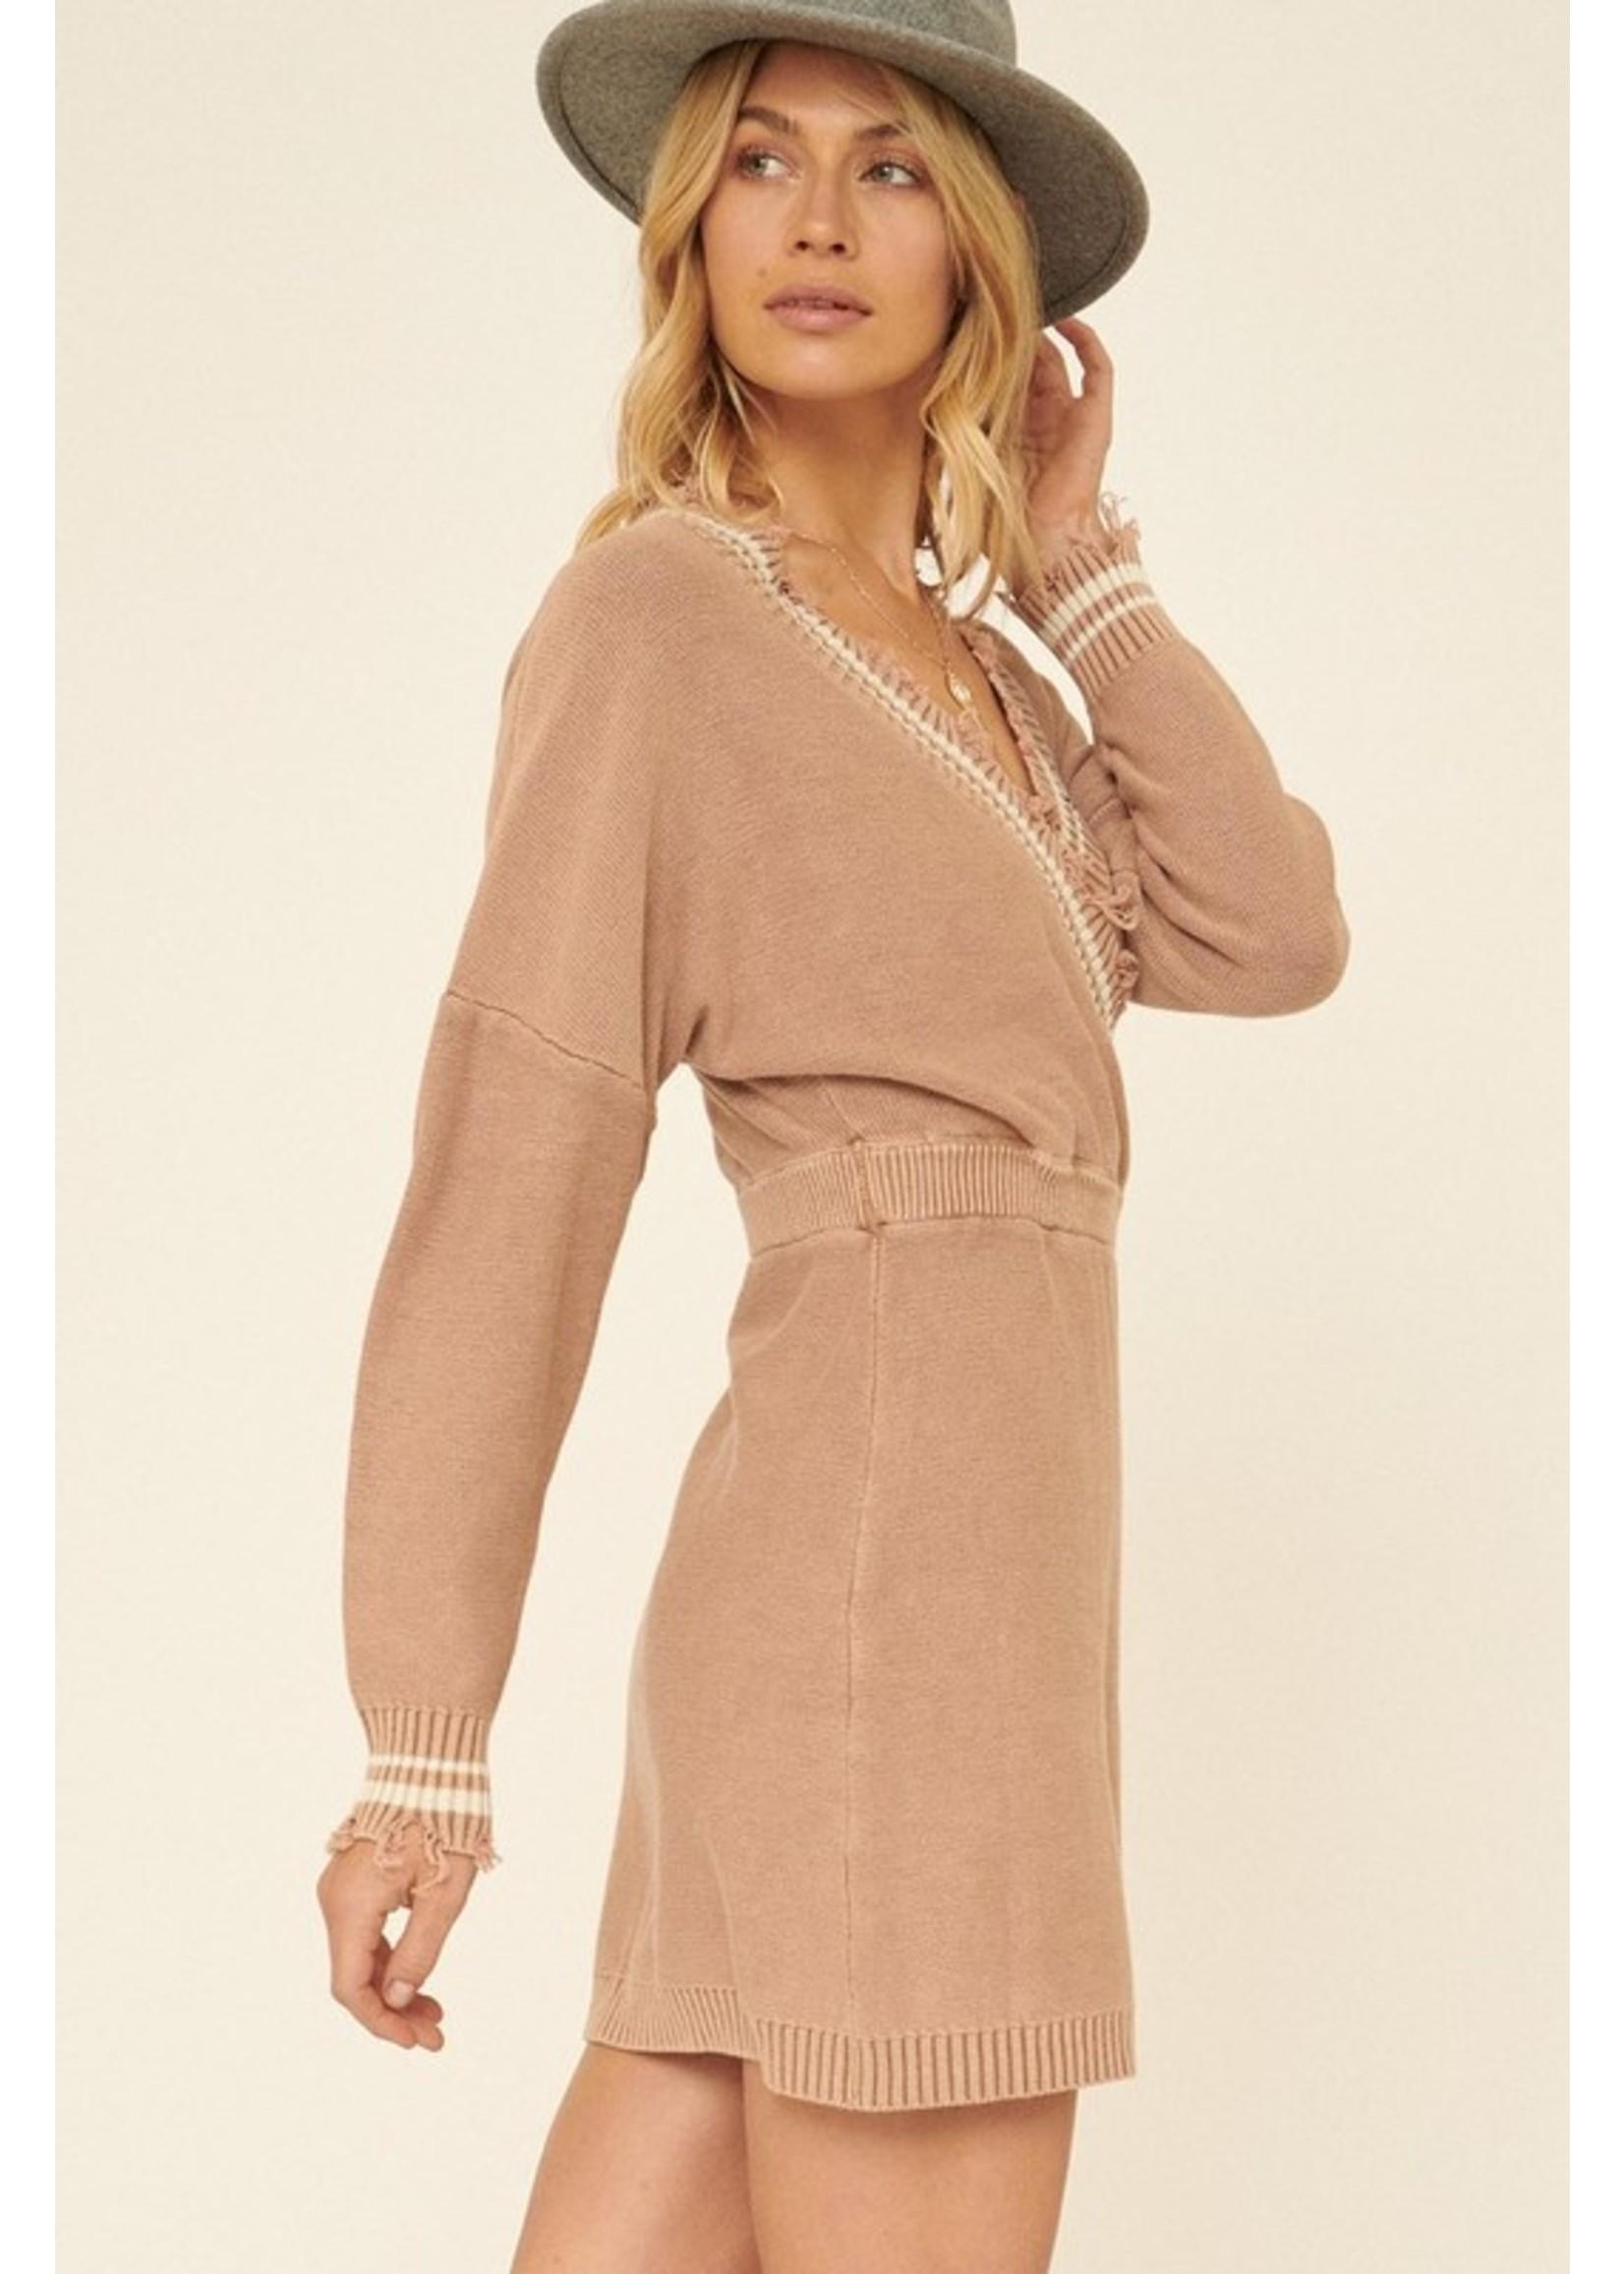 Promesa USA Street Chic Dress Taupe